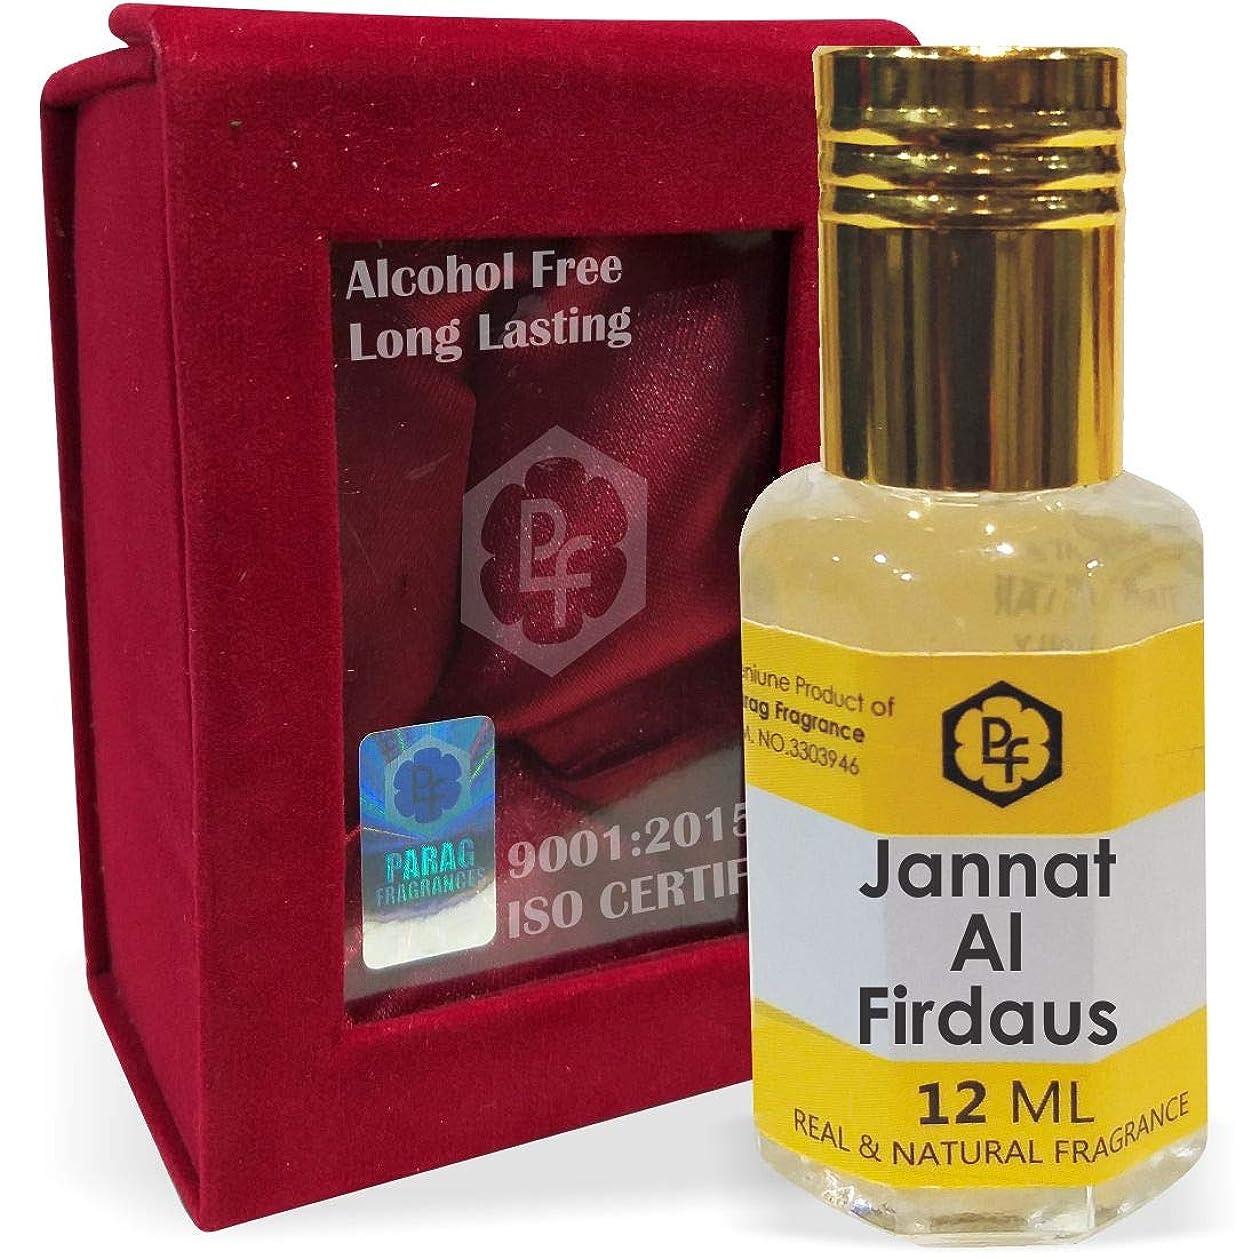 グローリーズエスカレートParagフレグランスJannatアルフィルダウス手作りベルベットボックス12ミリリットルアター/香水(インドの伝統的なBhapka処理方法により、インド製)オイル/フレグランスオイル|長持ちアターITRA最高の品質